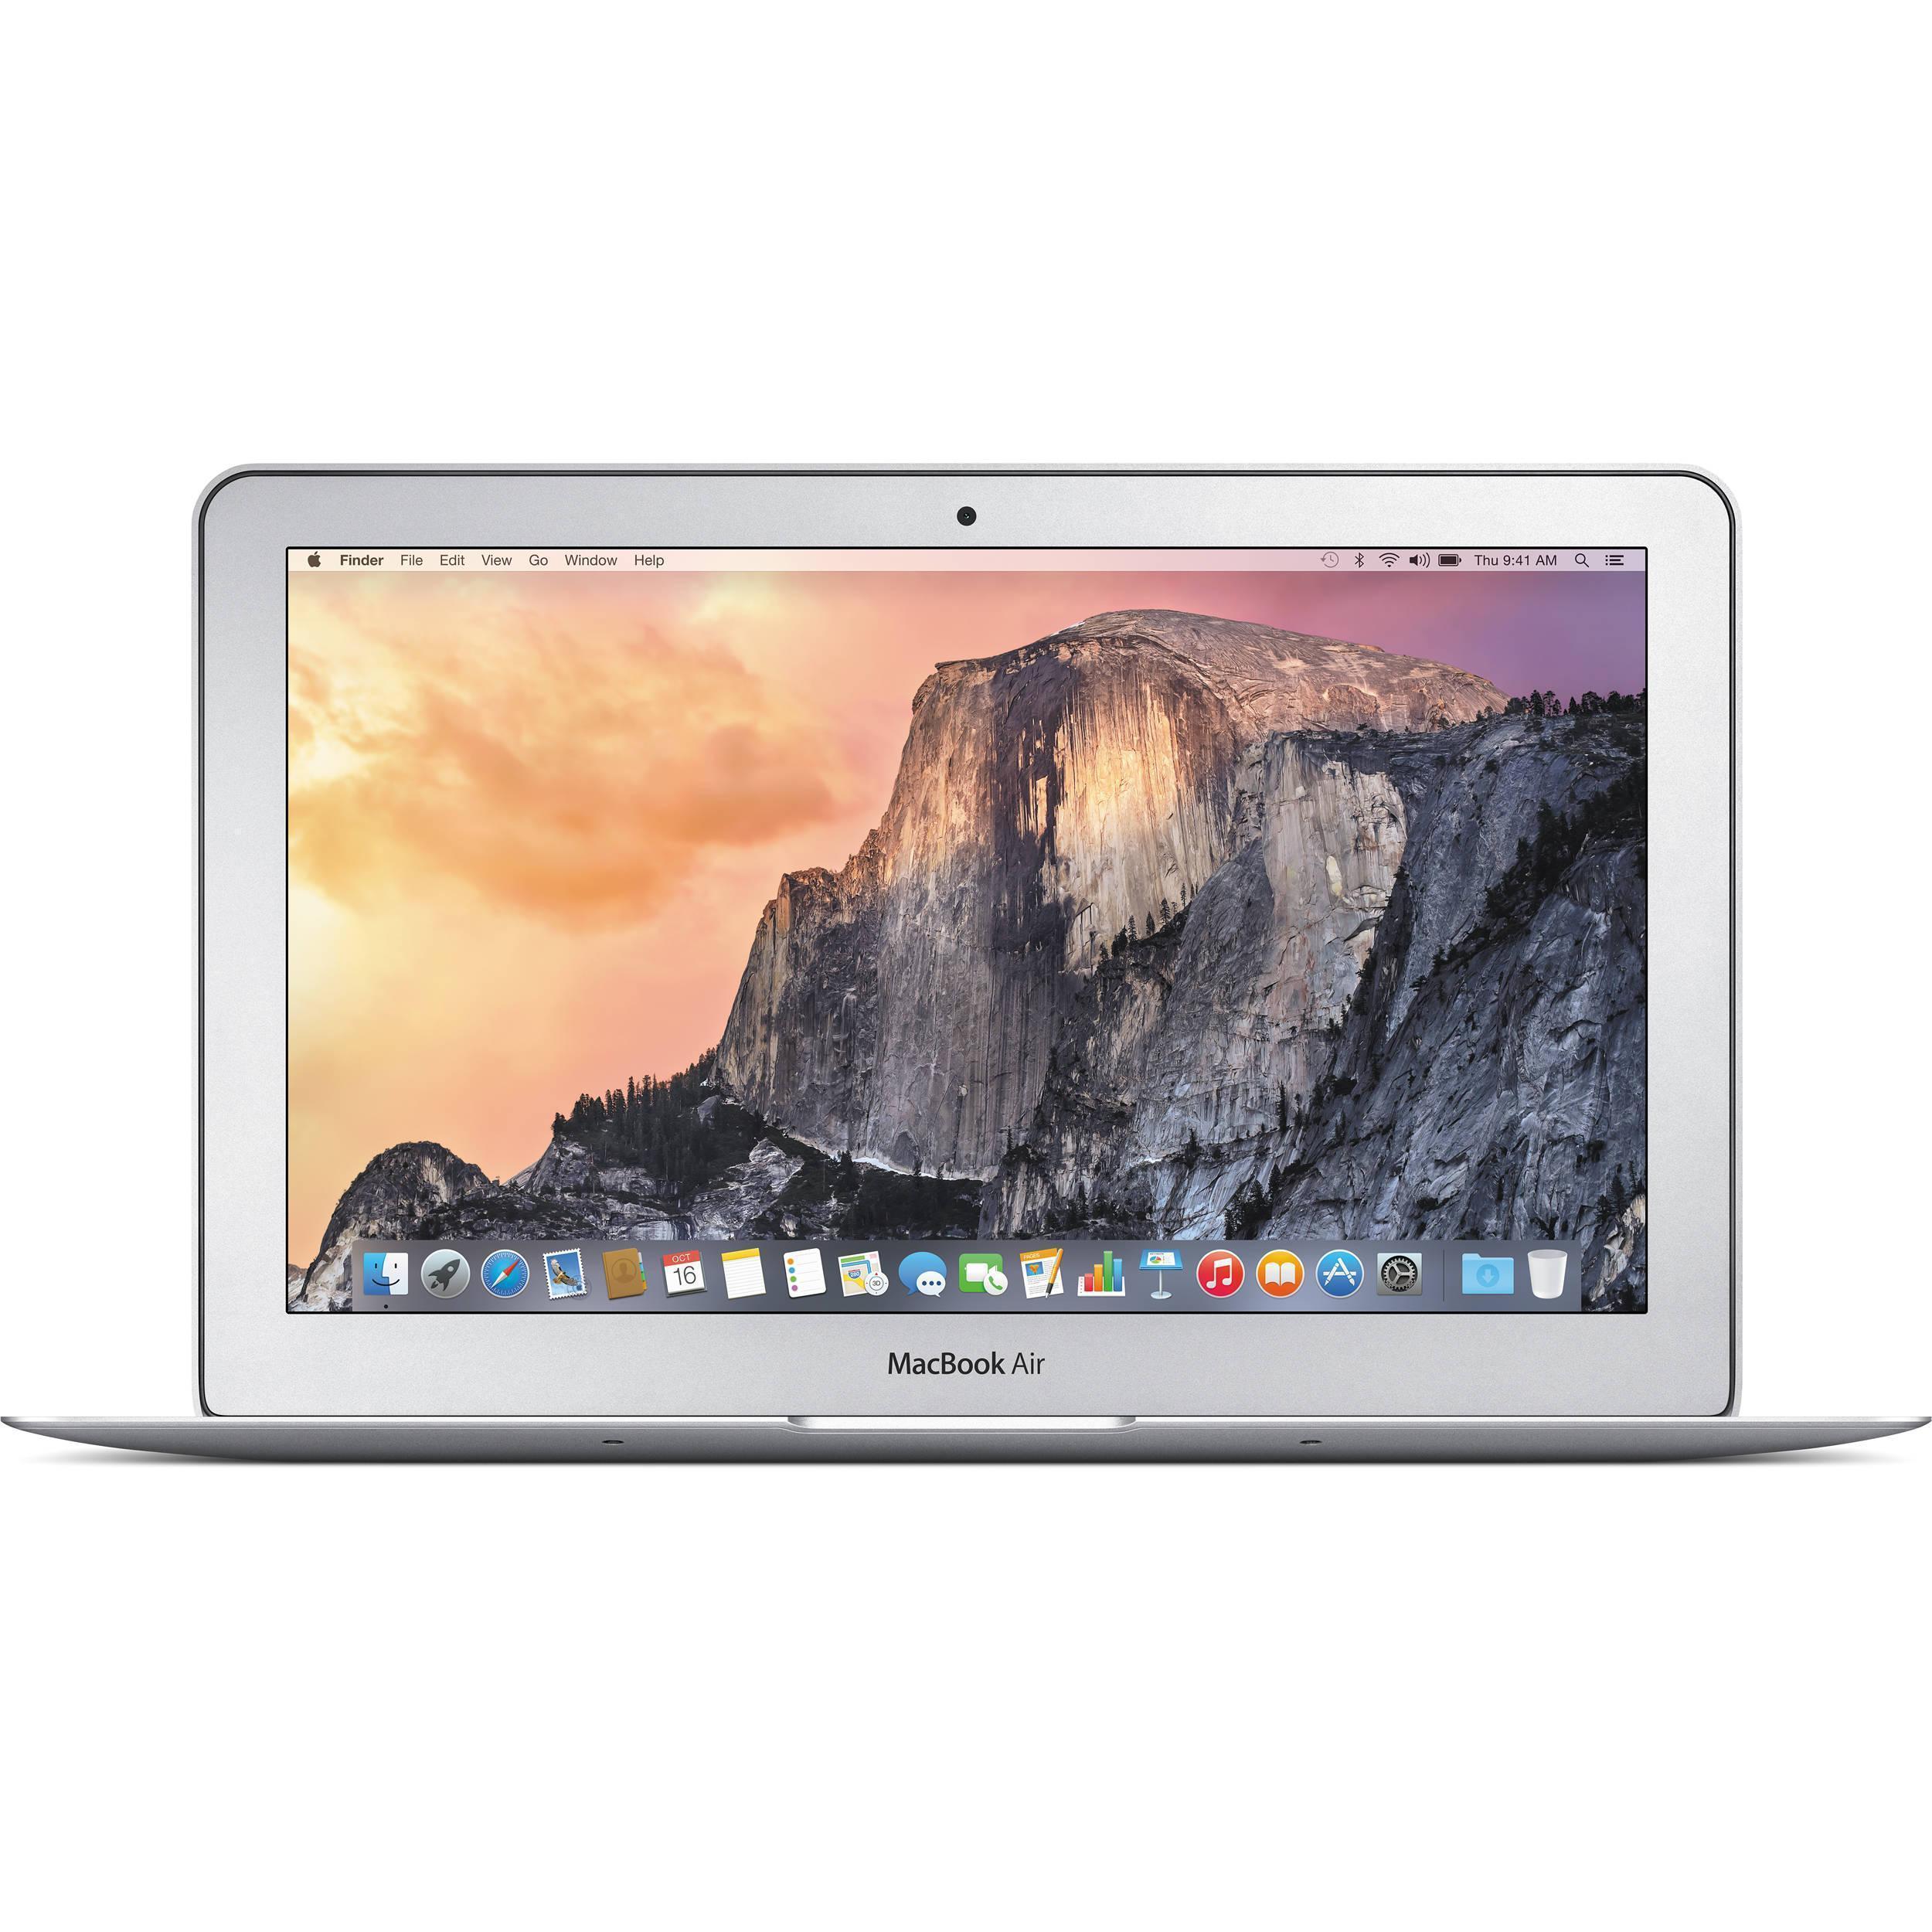 MacBook Air 11,6-tum (2012) - Core i5 - 4GB - SSD 256 GB QWERTY - Italienska